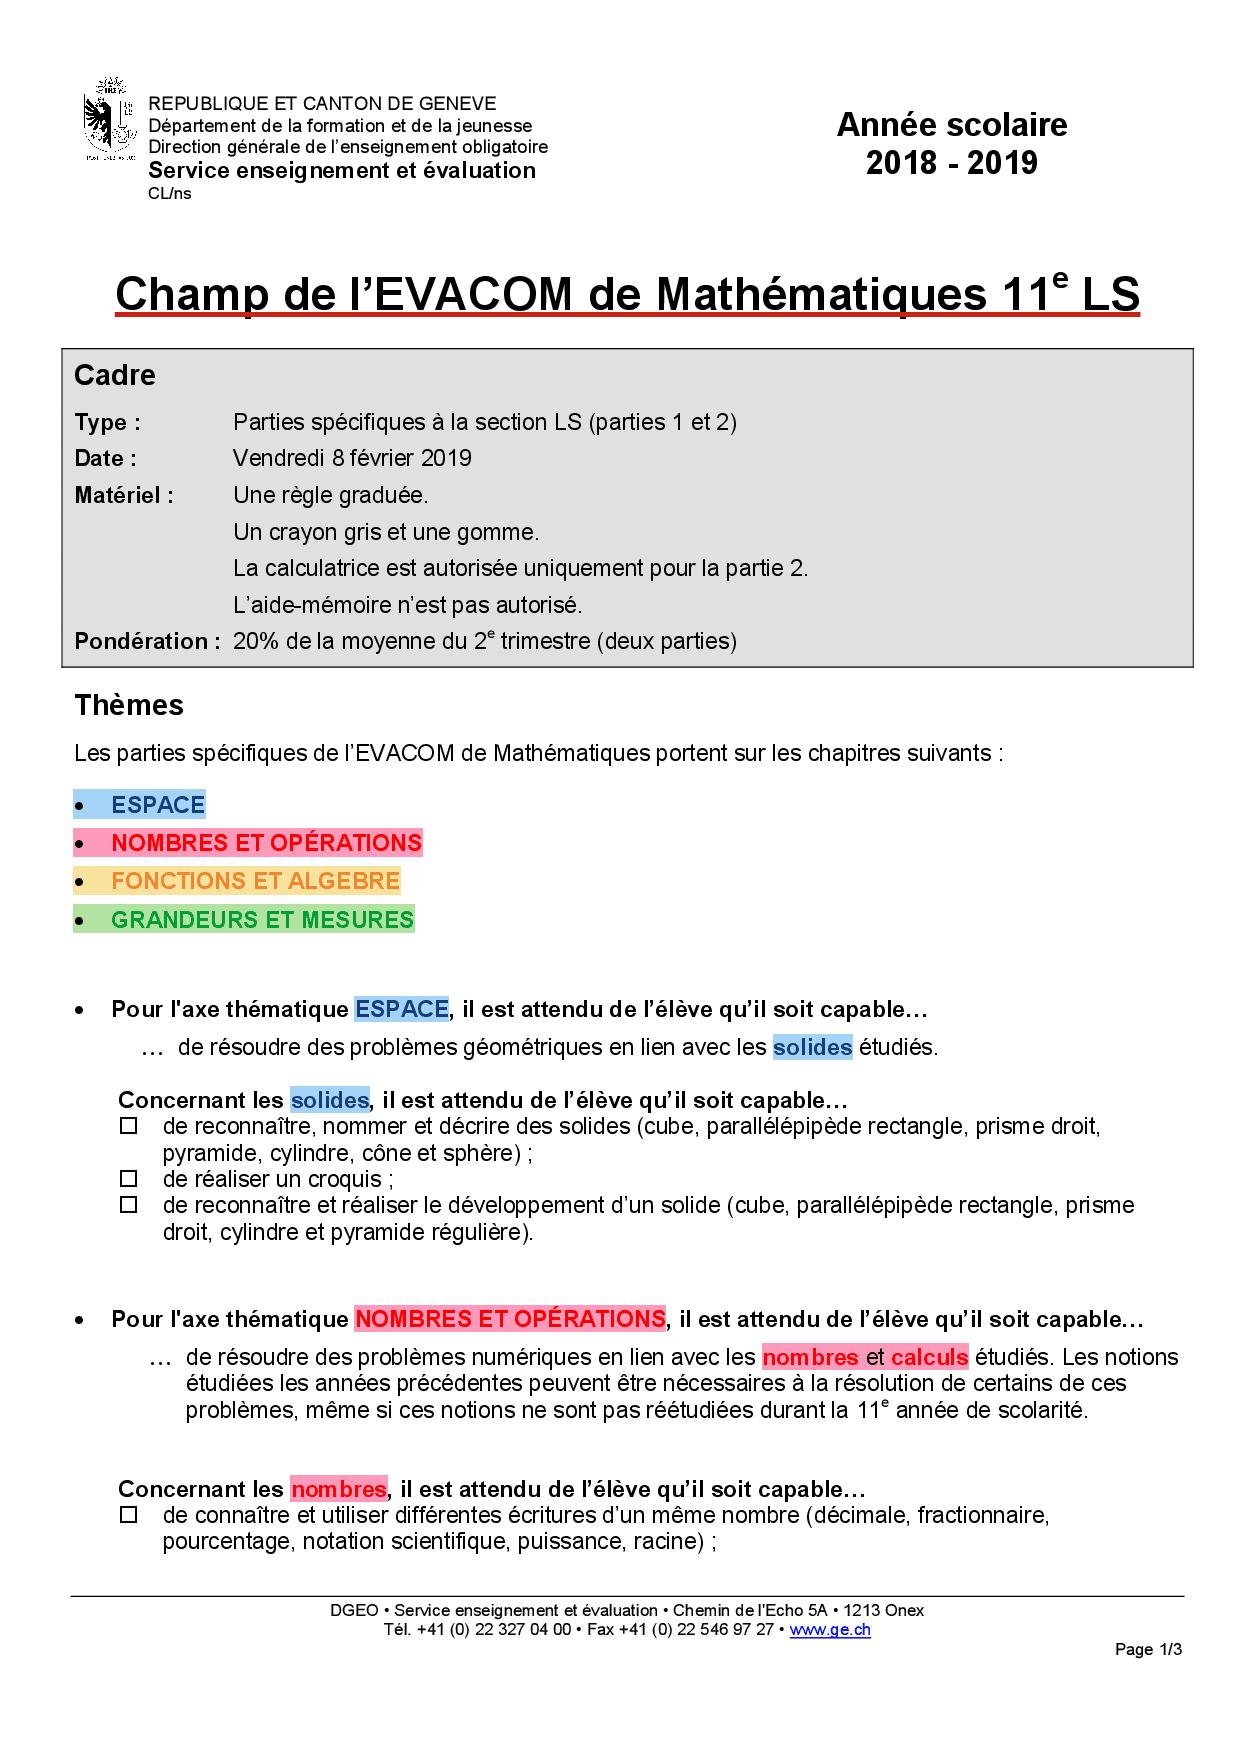 Maths Champ 2018 11E - Docsity à Les Nombres De 0 À 20